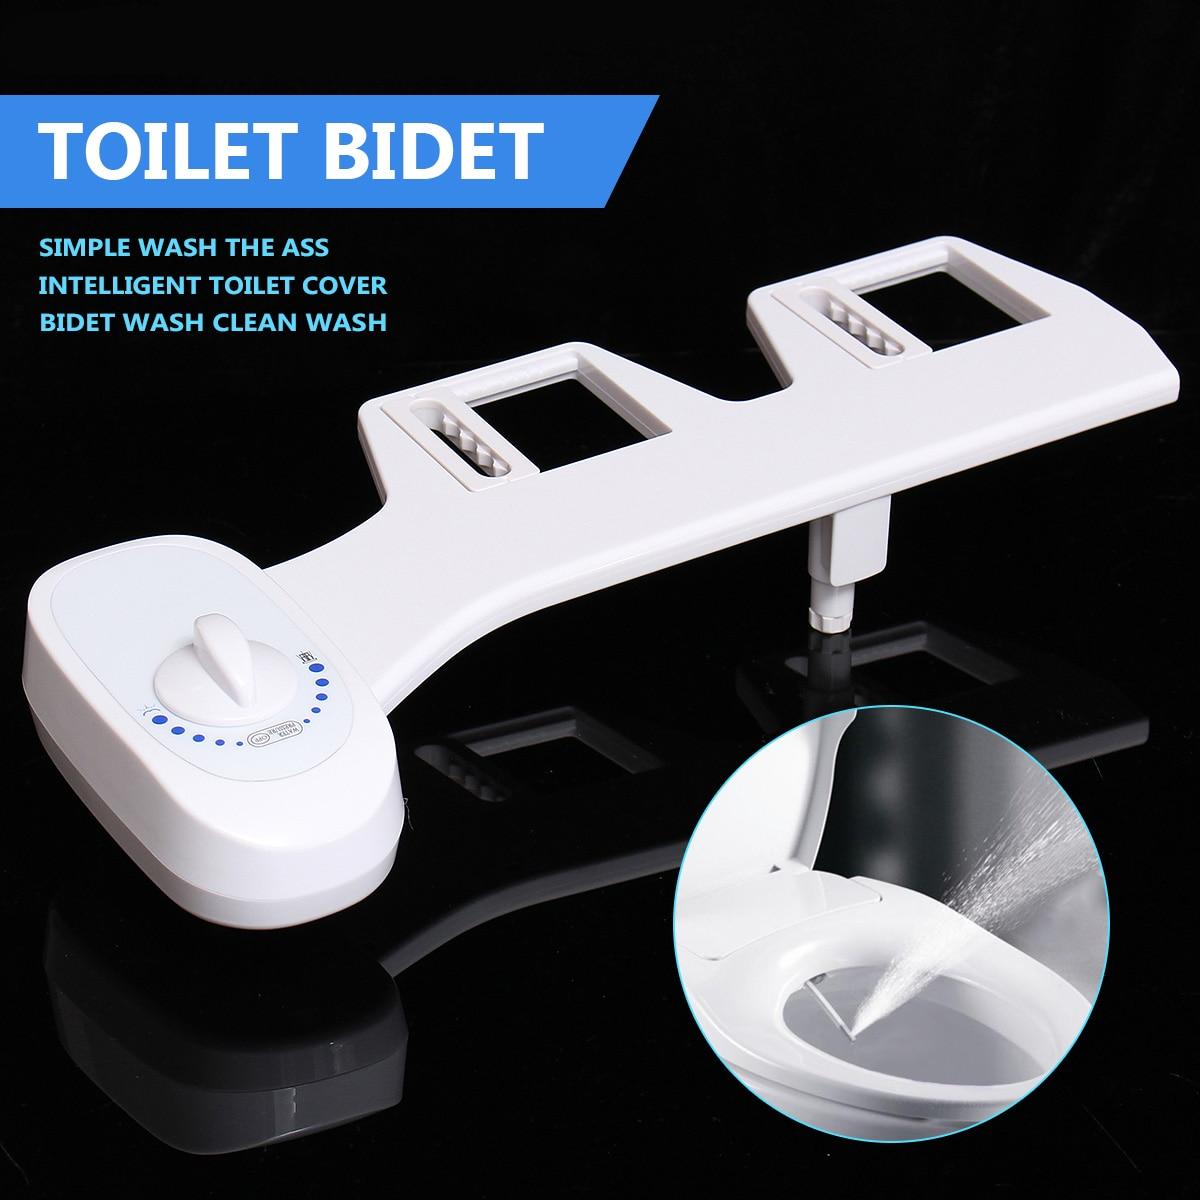 Xueqin 2 Größen Einzelne Düse Bad Wc-sitz Bidet Sprayer Ass Waschen Sauber Kalten Wasser Nicht-Elektrische Wc Sprayer düse